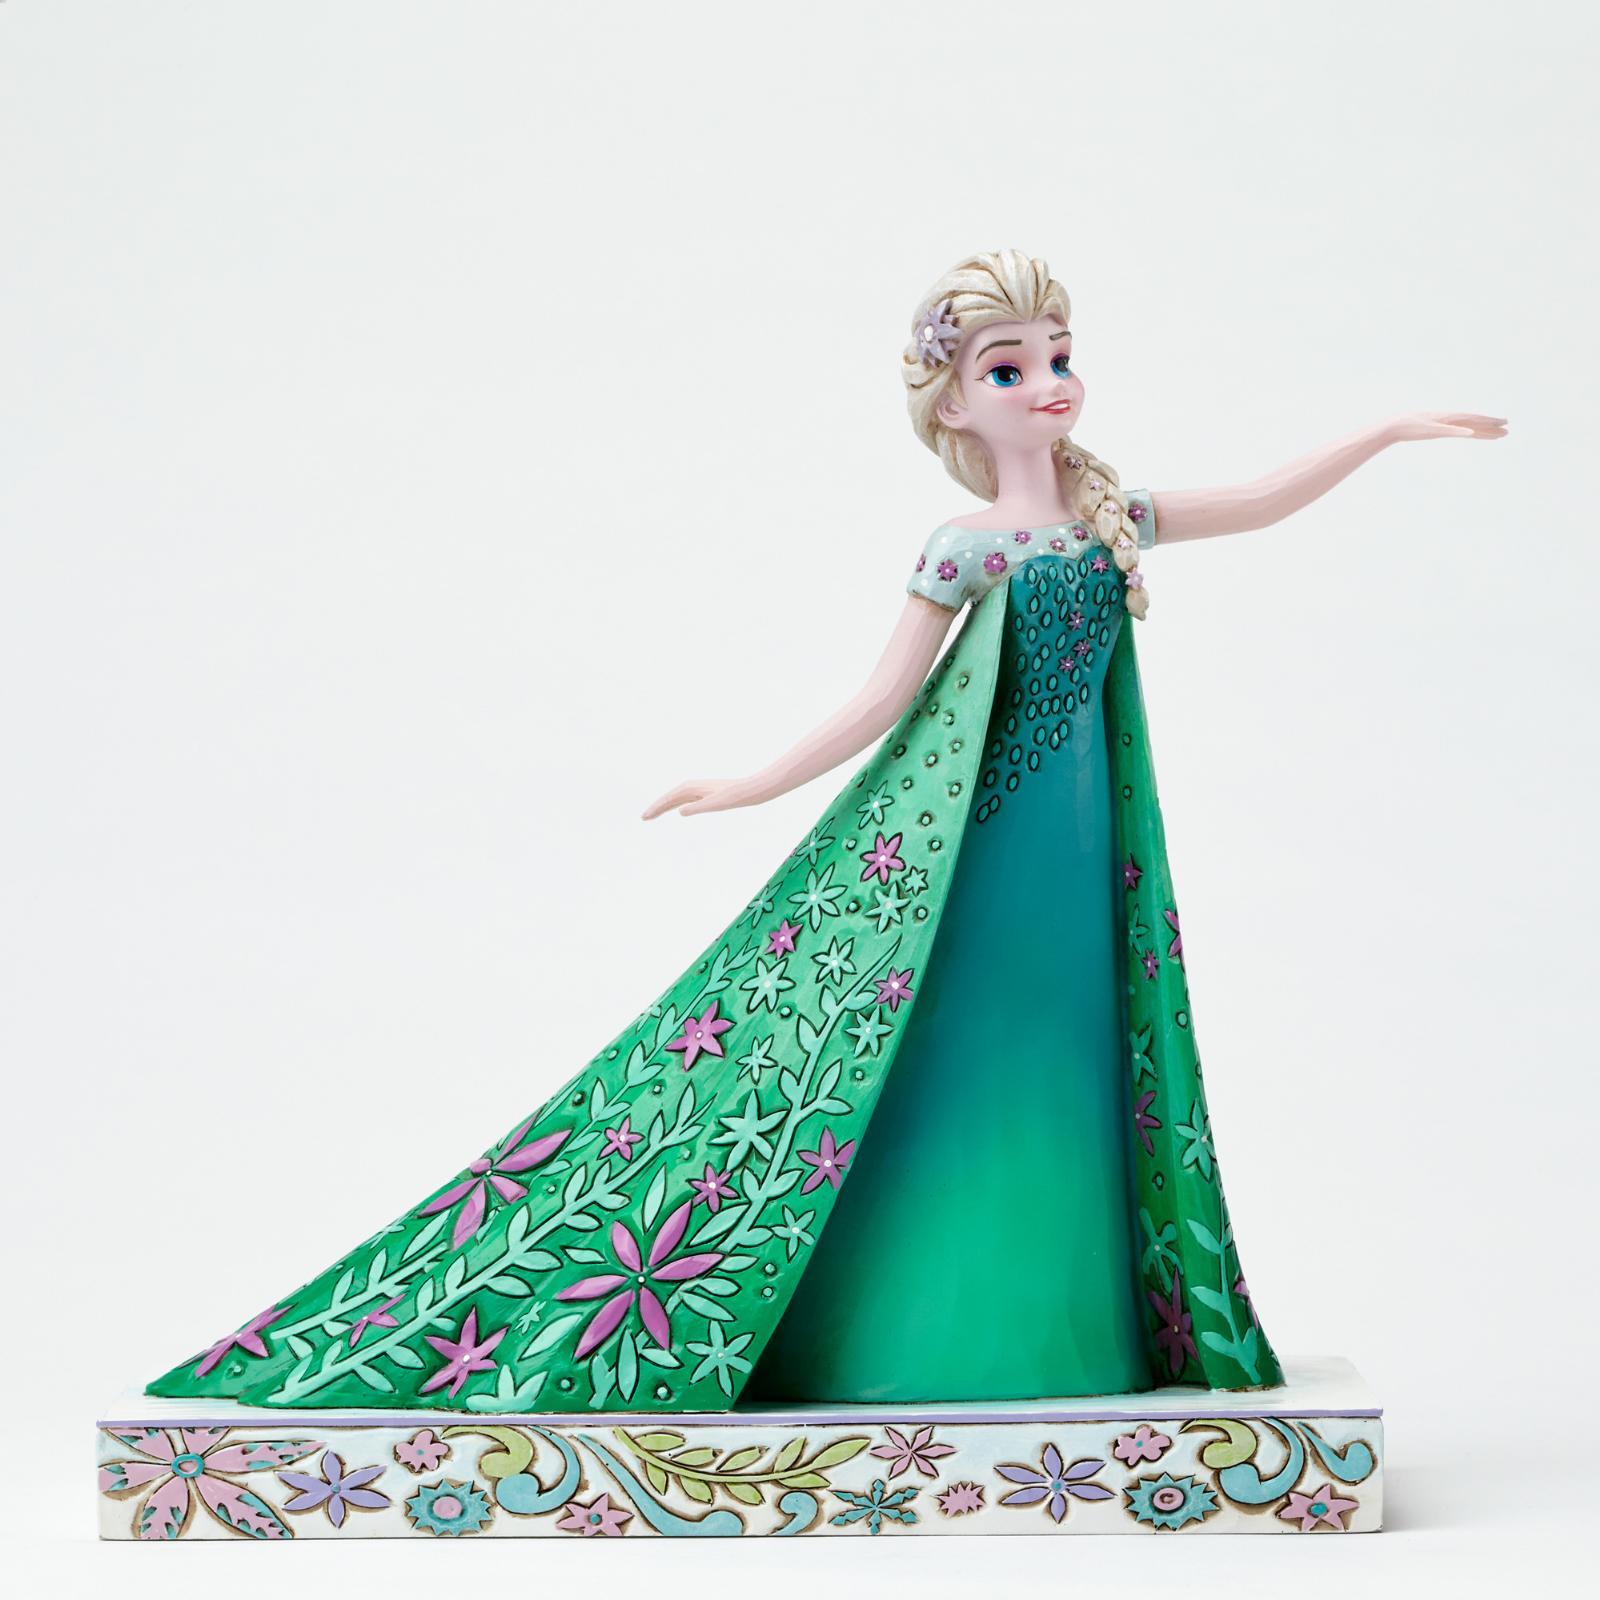 Elsa From Frozen Fever - Celebration Of Spring